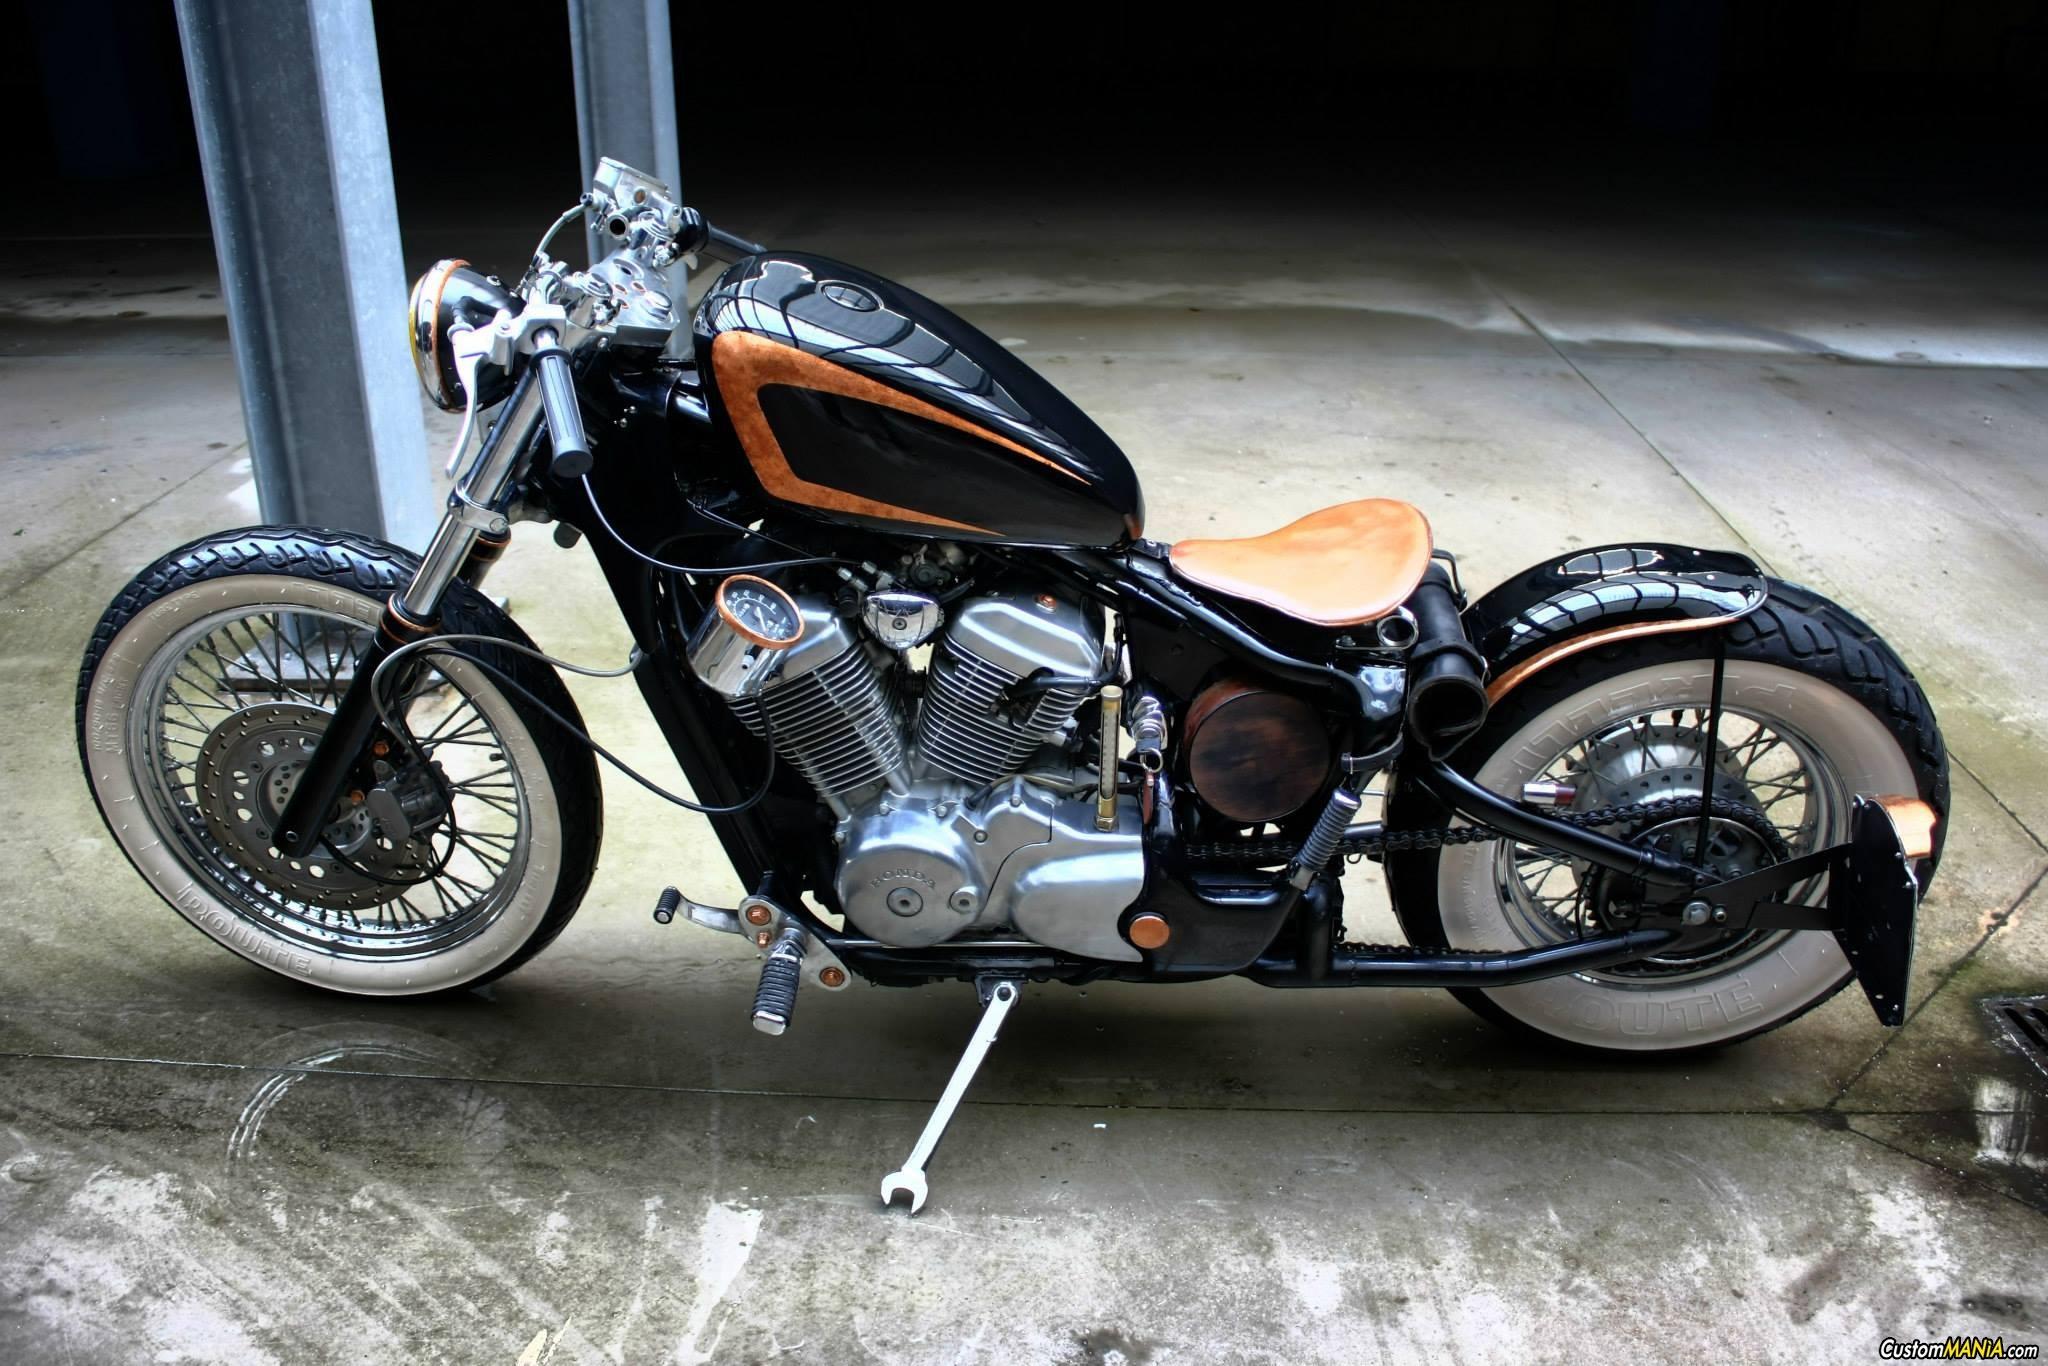 The Copper Bobber